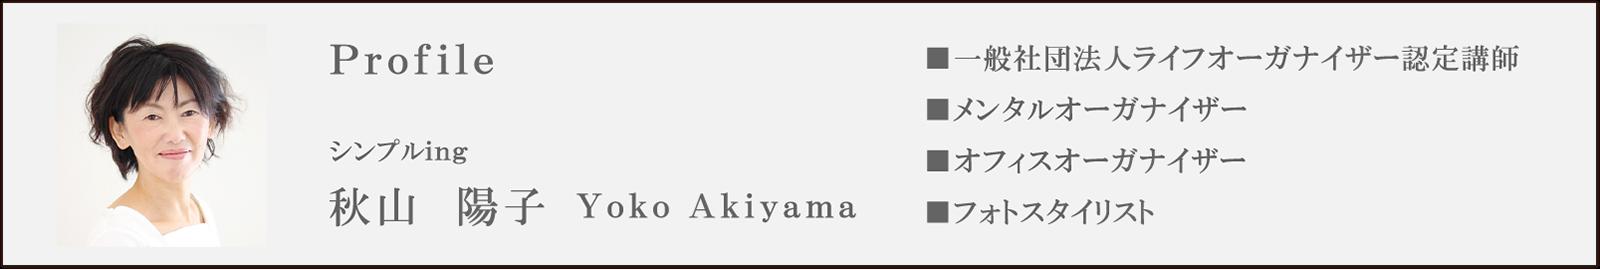 シンプルing 秋山 陽子 Yoko Akiyama